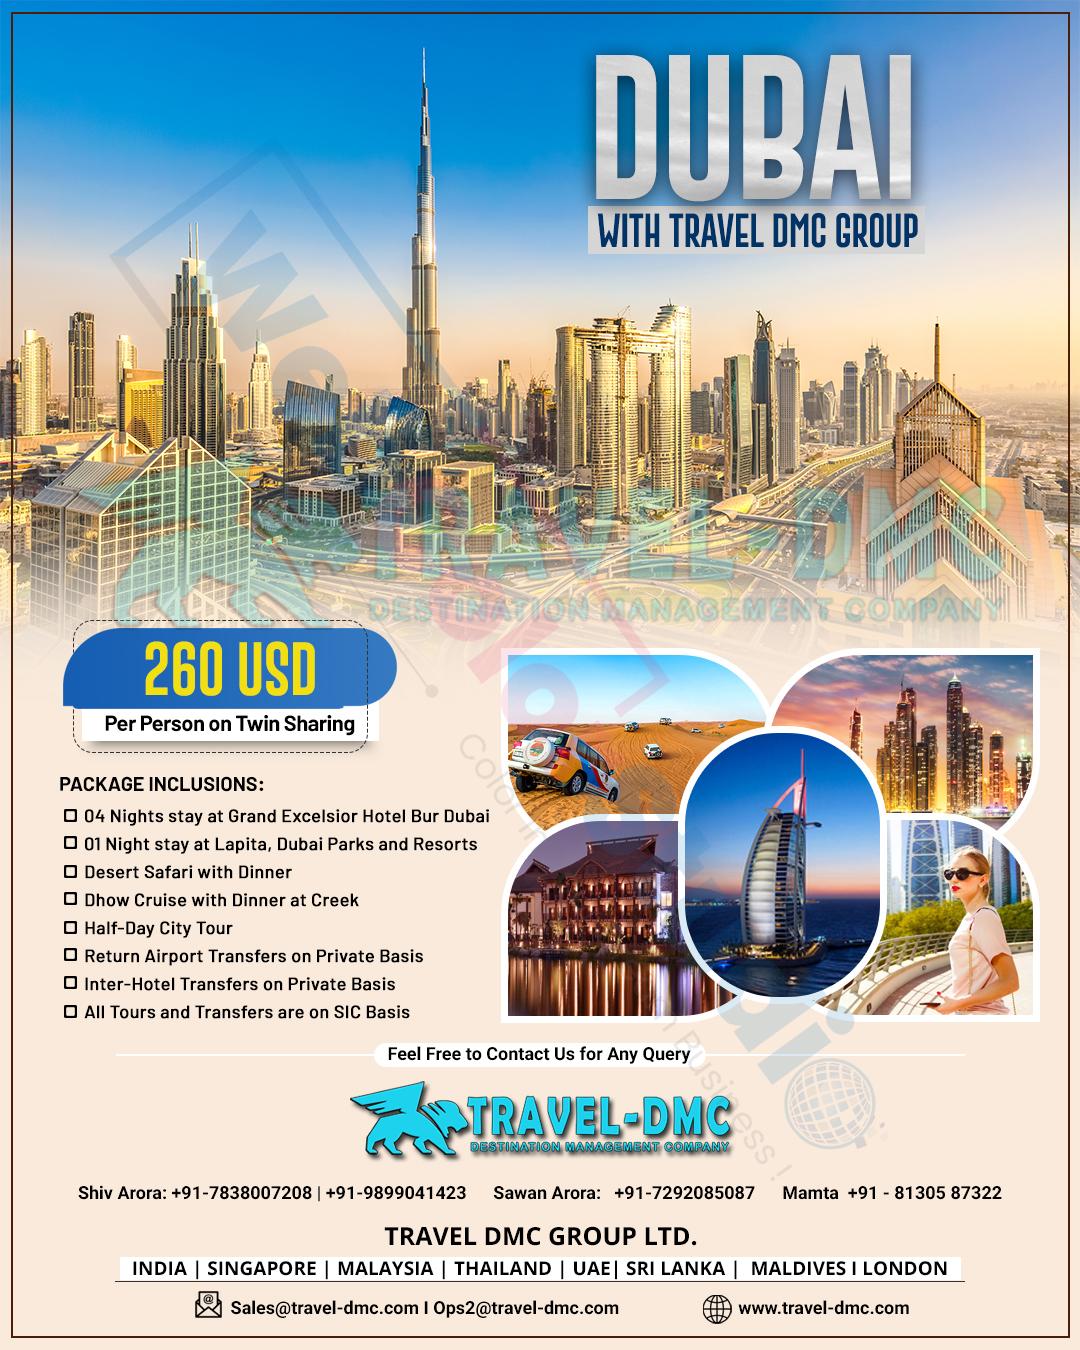 Dubai Travel TMC Design